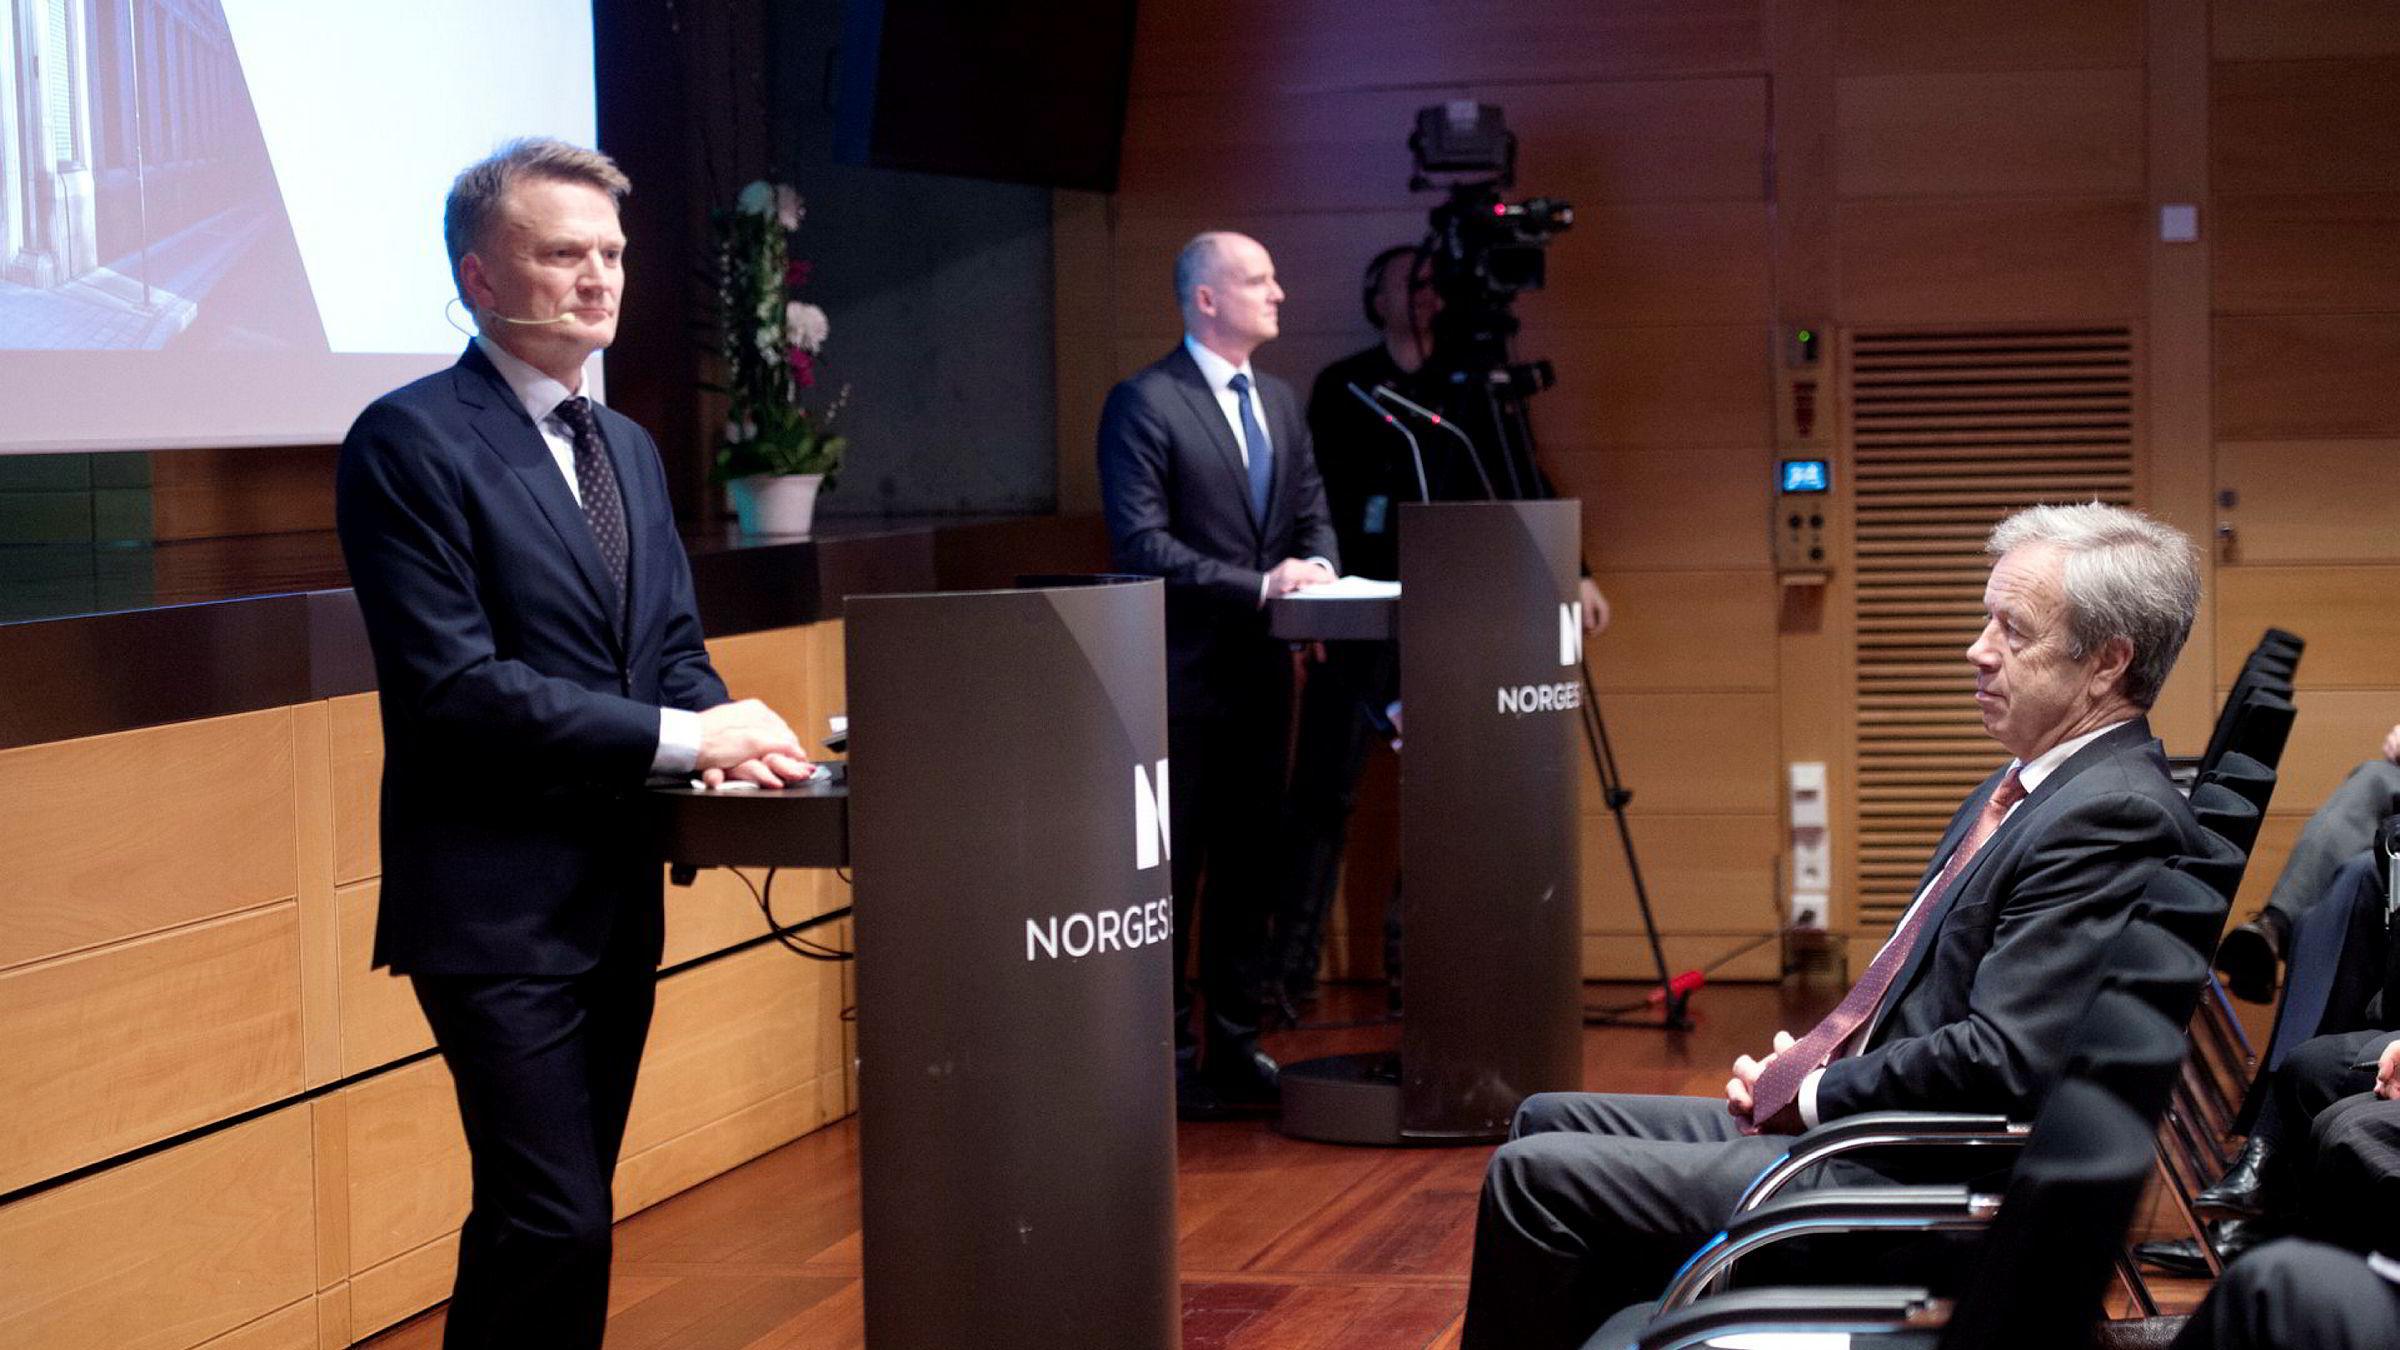 Visesentralbanksjef Egil Matsen (til venstre) i Norges Bank og sentralbanksjef Øystein Olsen (sittende).